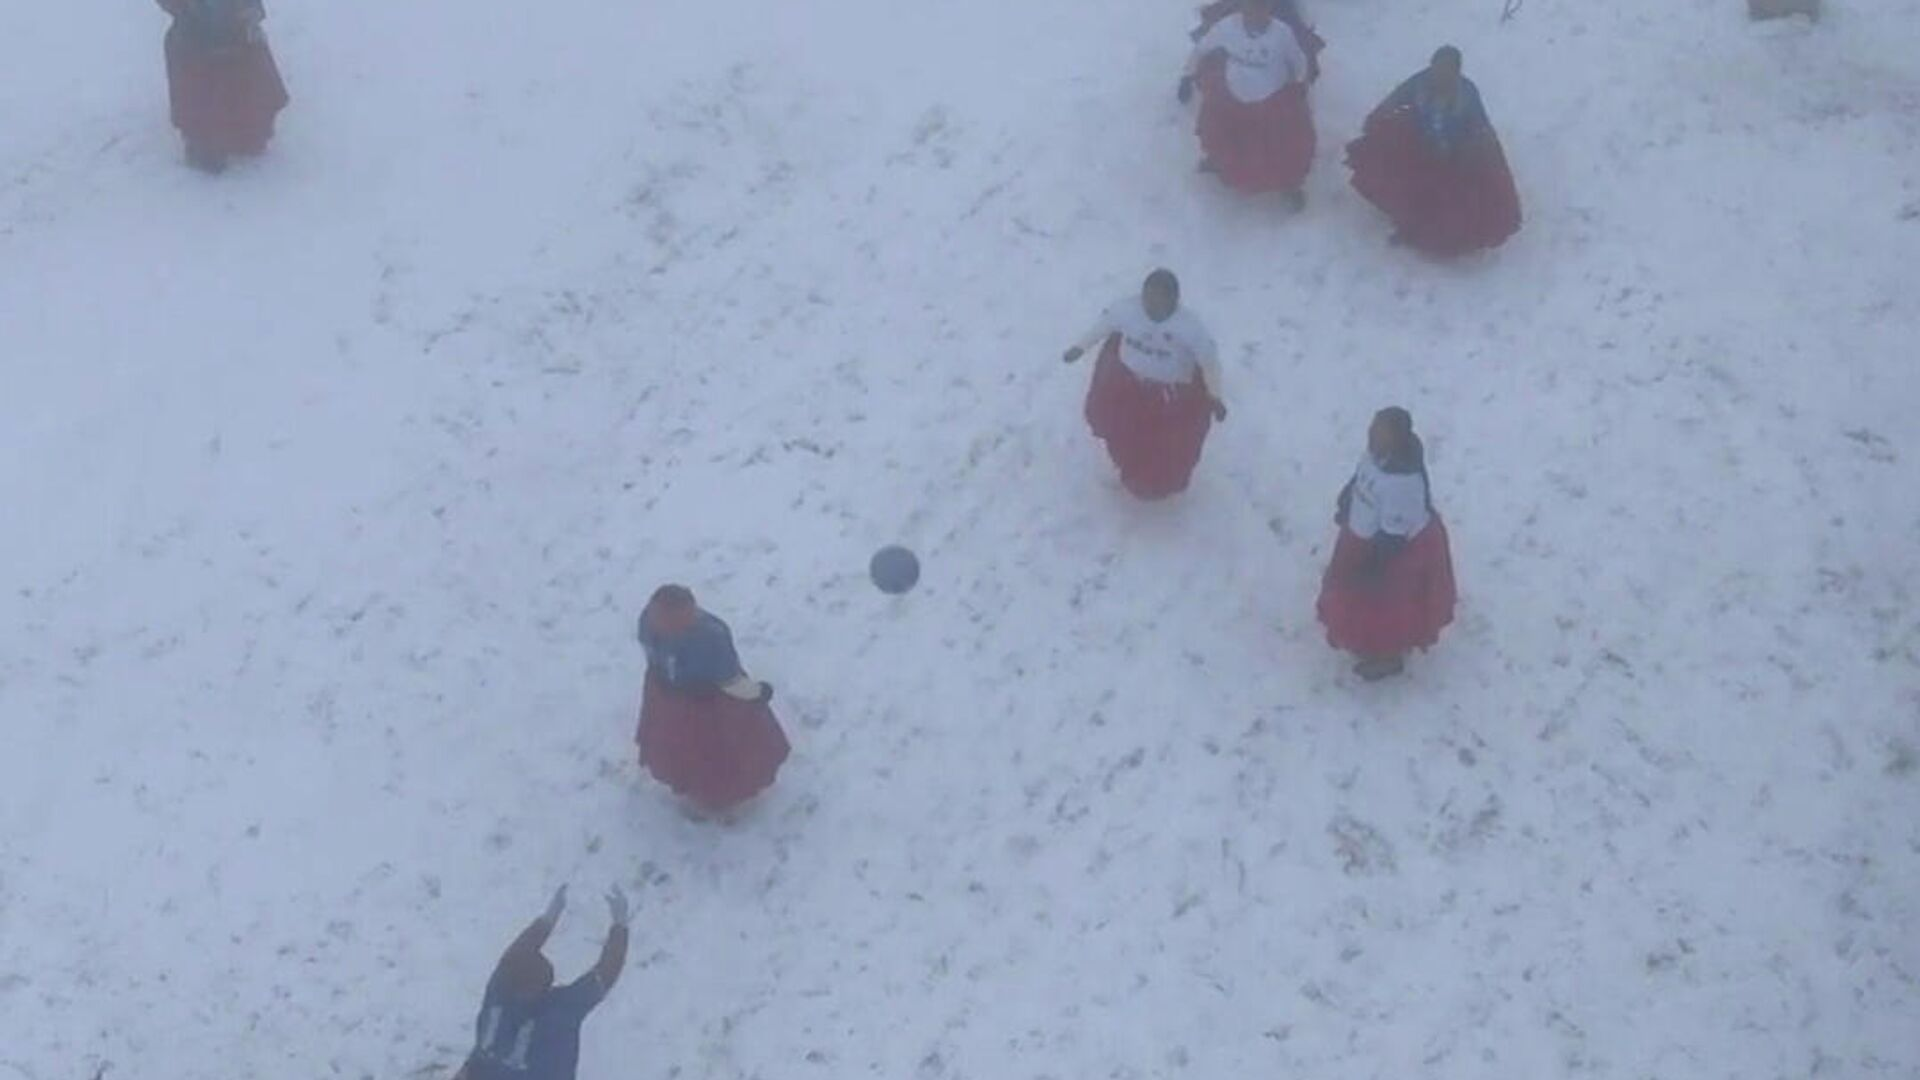 Αγώνας υψηλών προδιαγραφών στη Βολιβία: Γυναίκες ιθαγενείς παίζουν ποδόσφαιρο στα 6.000 μέτρα - Sputnik Ελλάδα, 1920, 17.09.2021